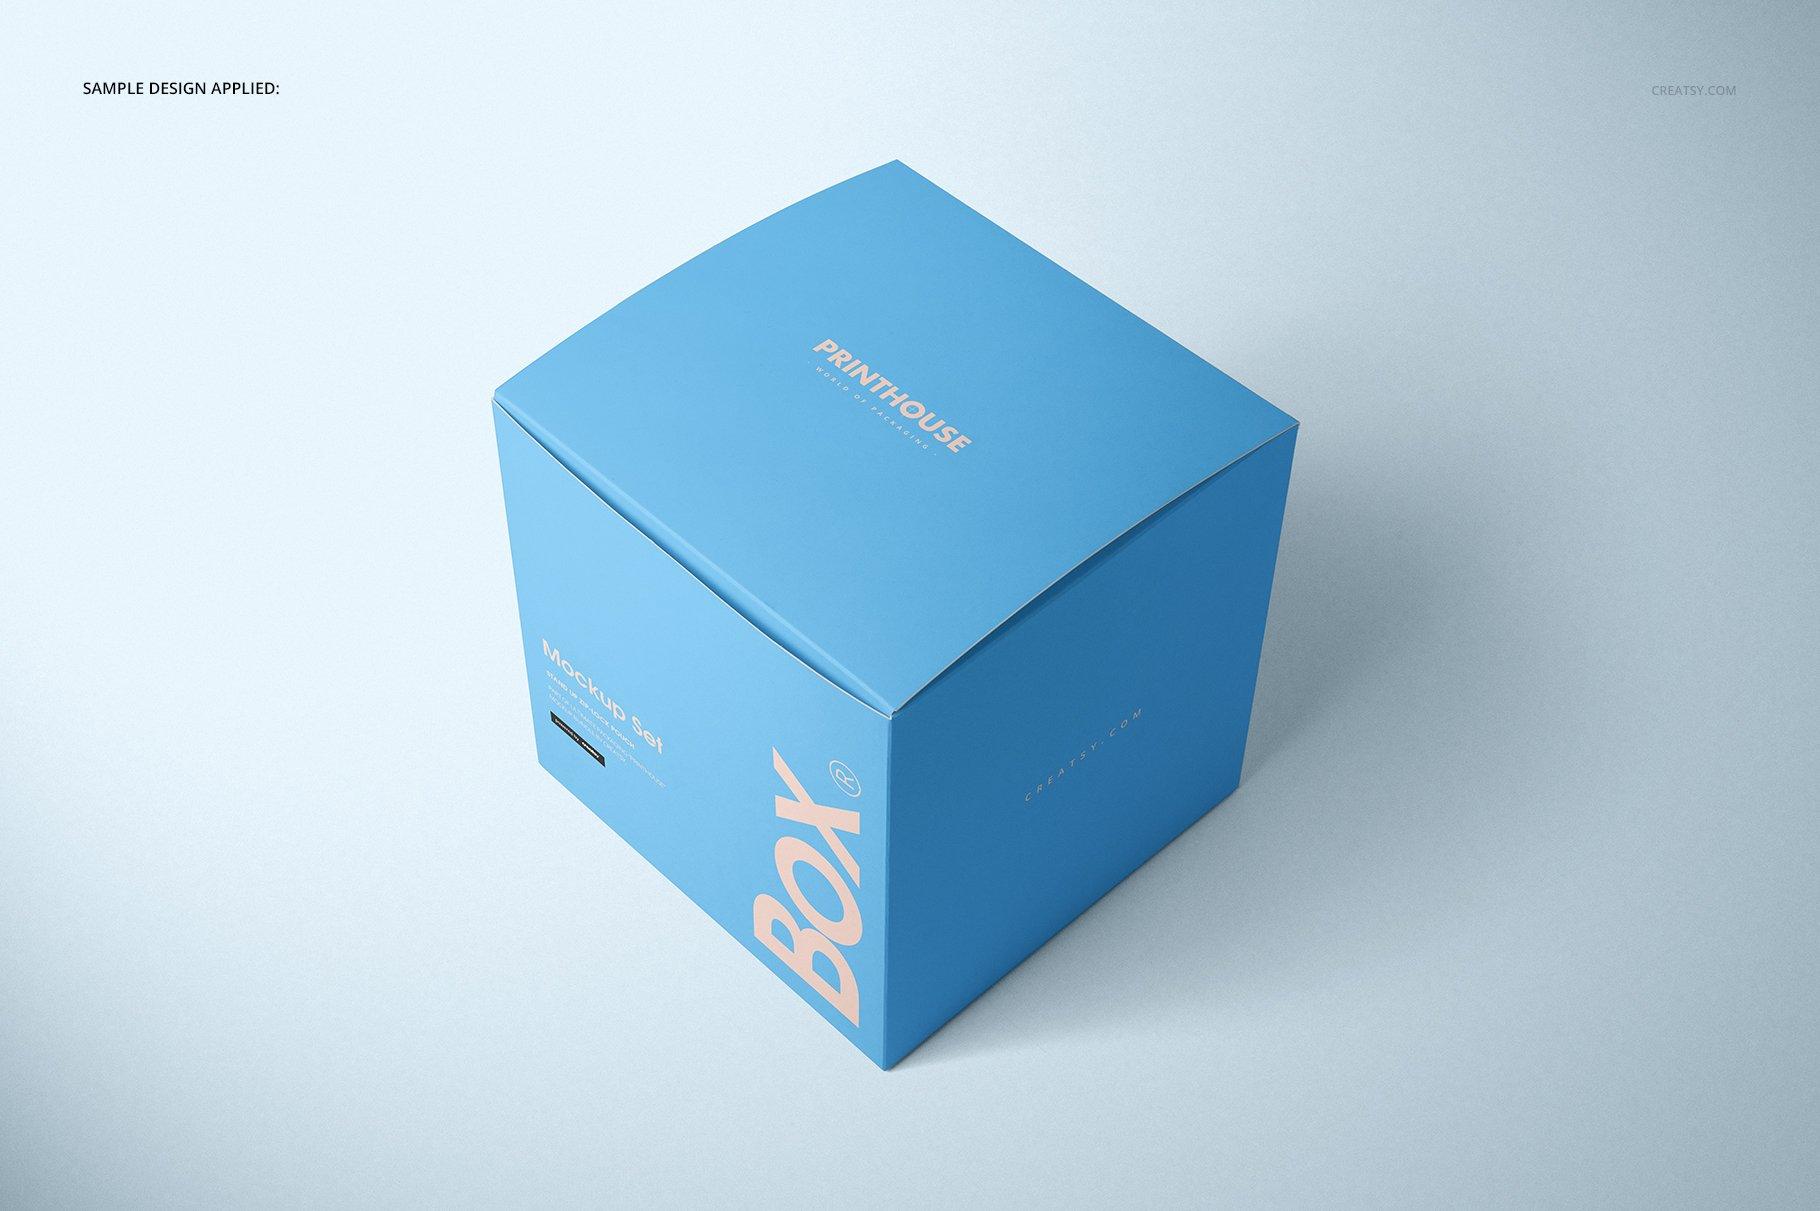 方形哑光产品礼品包装纸盒设计贴图样机套装 Matte Gift Square Box Mockup Set插图(5)